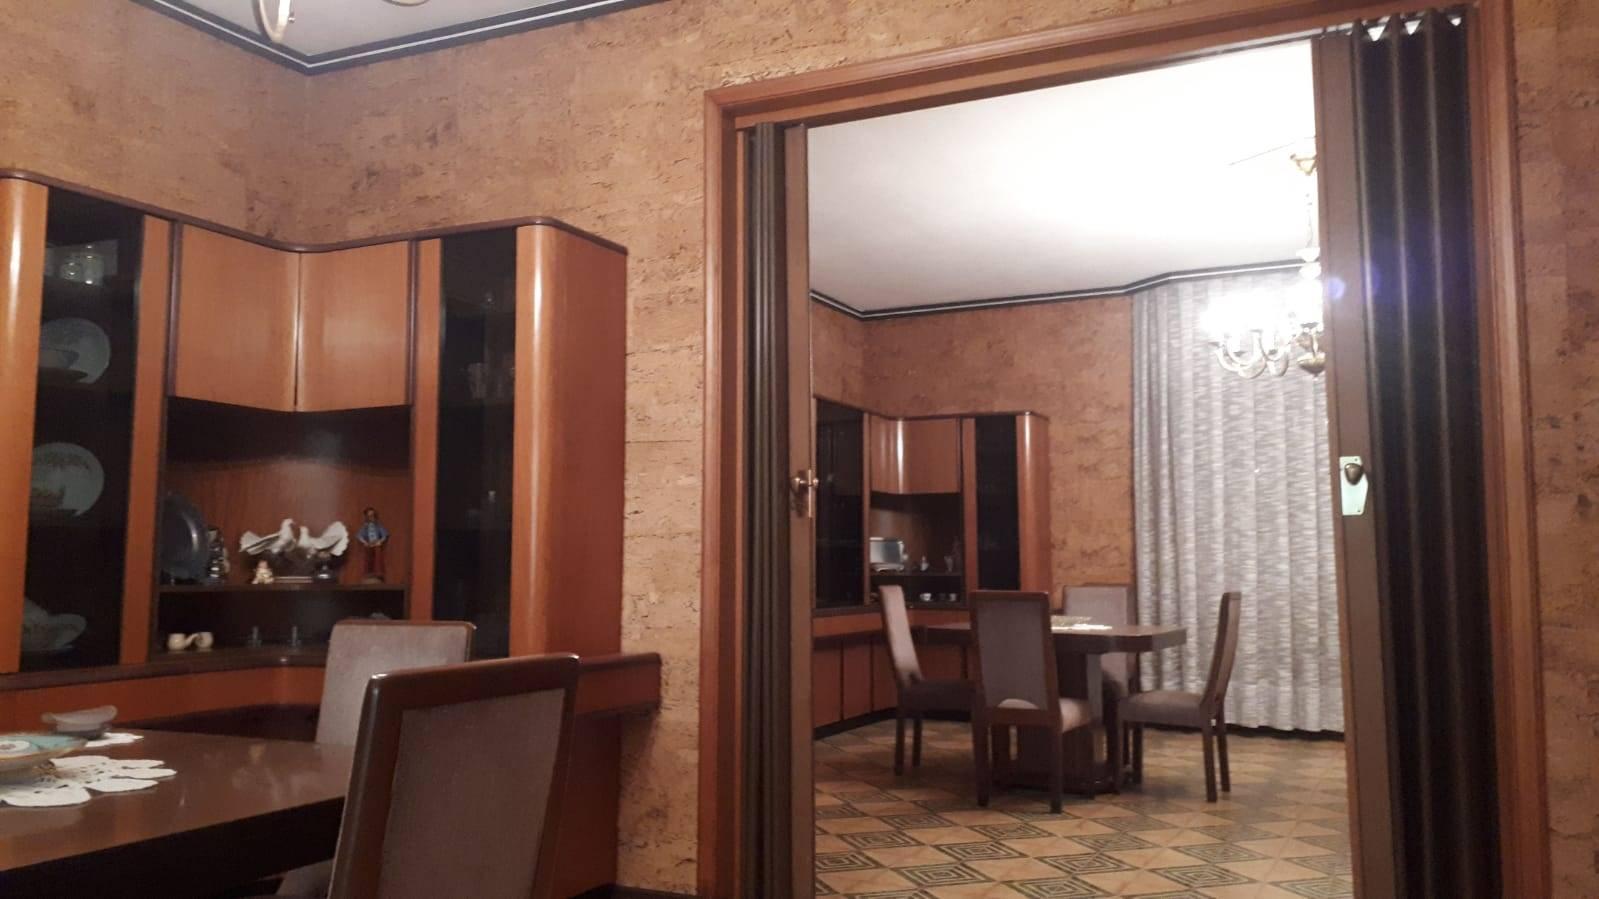 Soluzione Indipendente in vendita a Campobello di Licata, 11 locali, prezzo € 120.000   CambioCasa.it